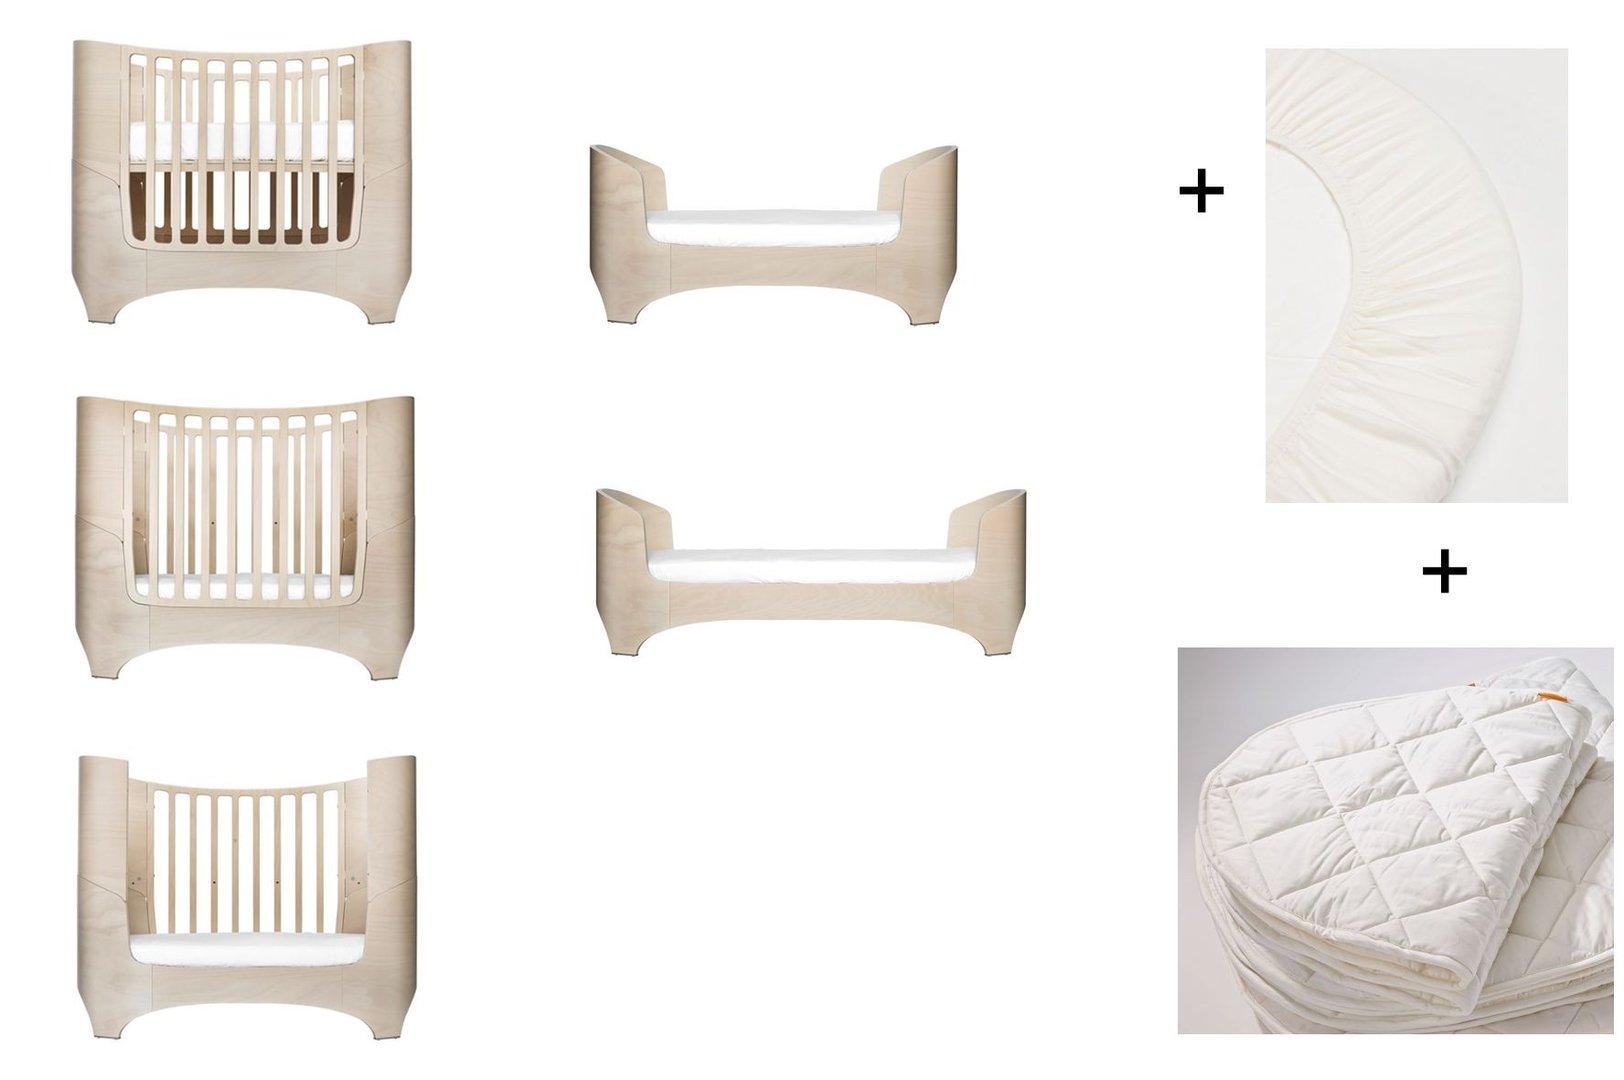 Matratzenauflage Babybett.White Wash Leander Baby Und Juniorbett 1 Set 2 Stuck